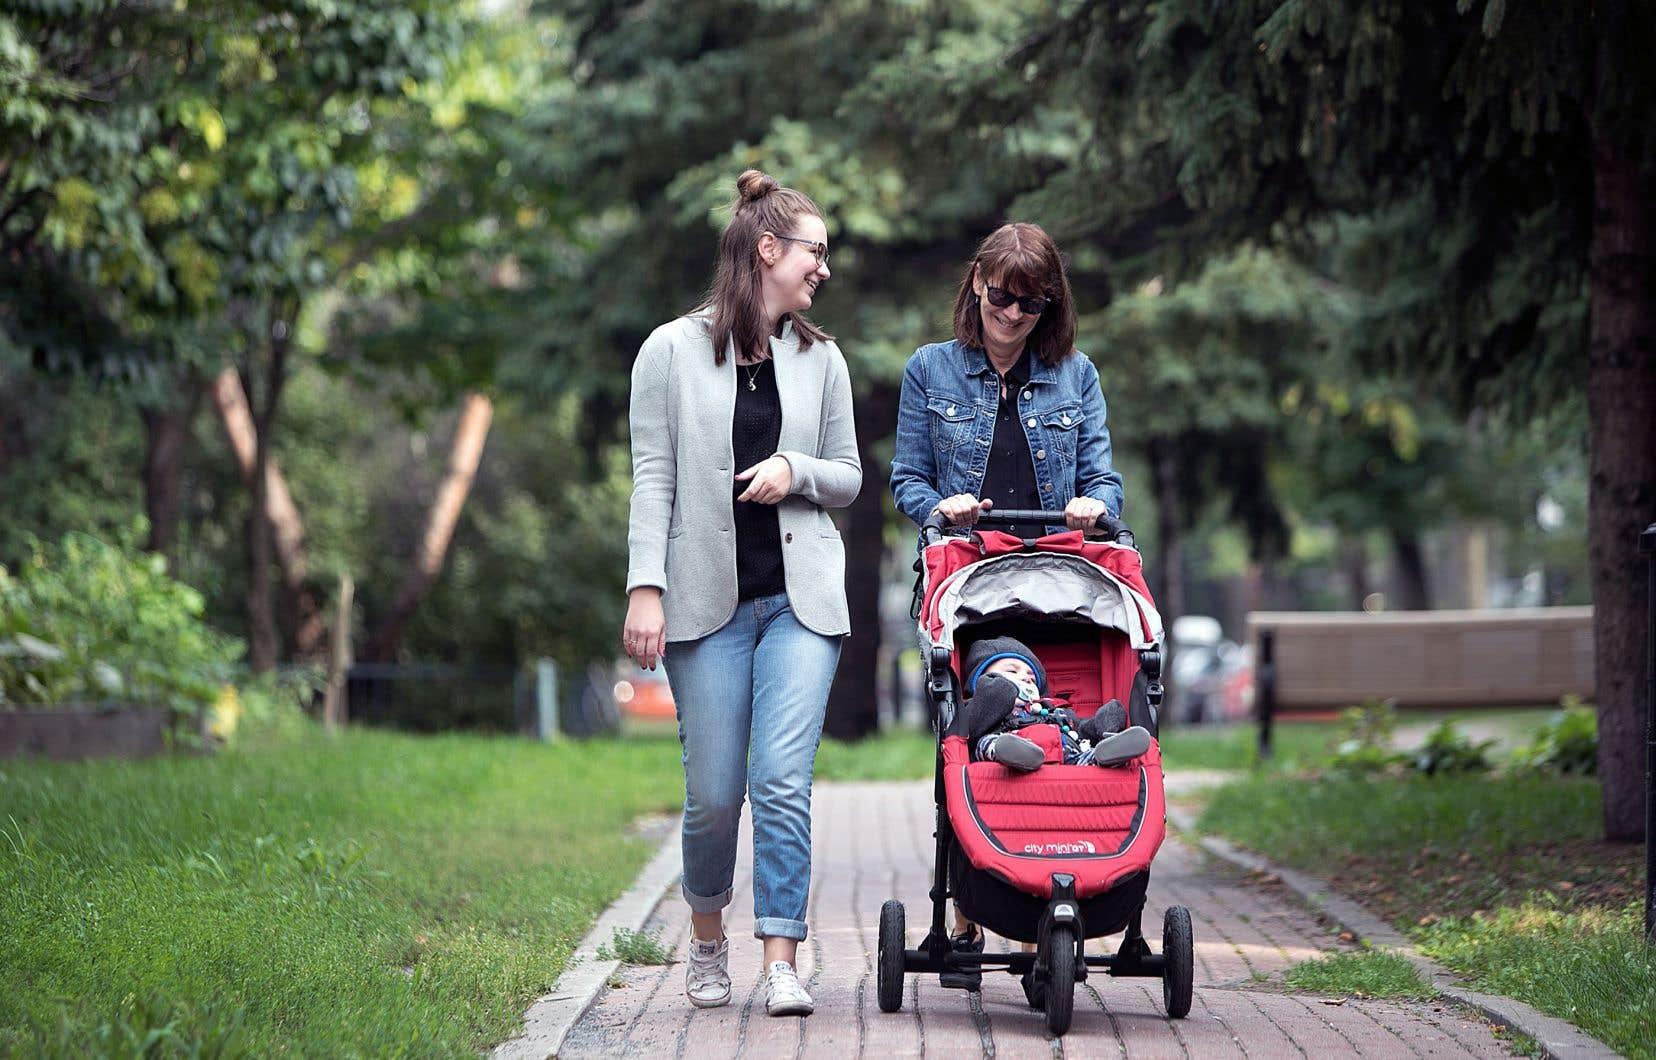 Une promenade, trois générations: Sylvie, grand-maman, promène Benjamin dans sa poussette, aux côtés de sa fille, Karine.